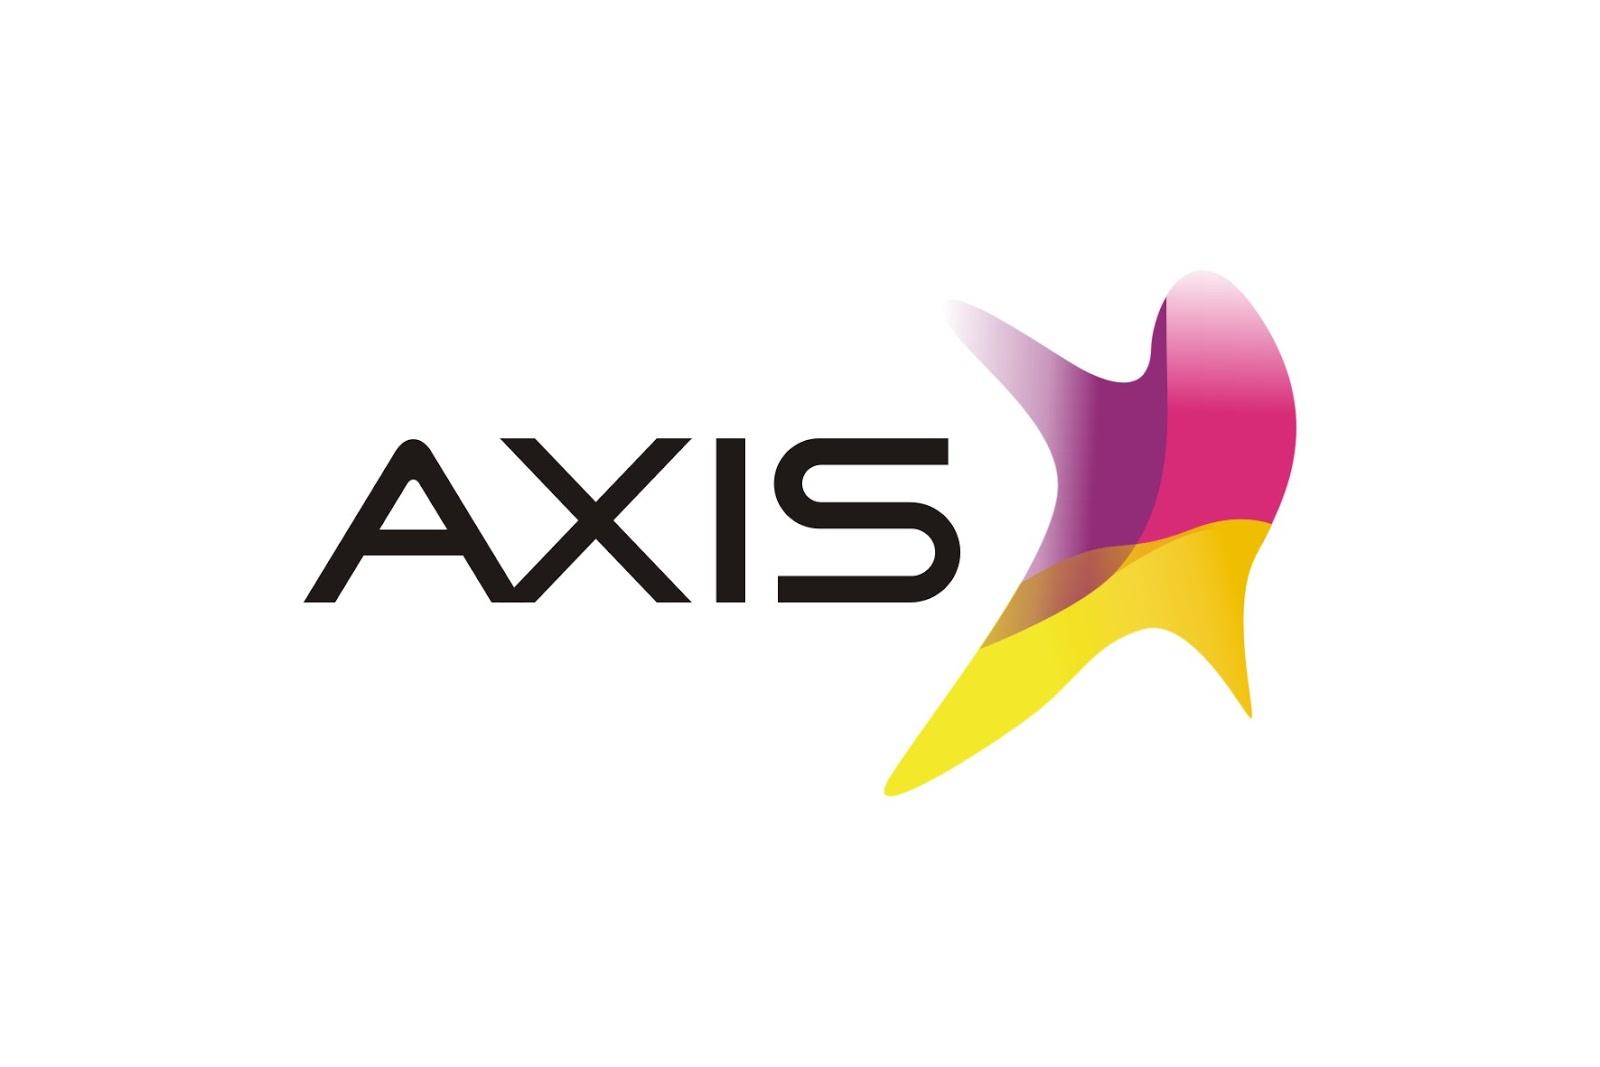 axis design